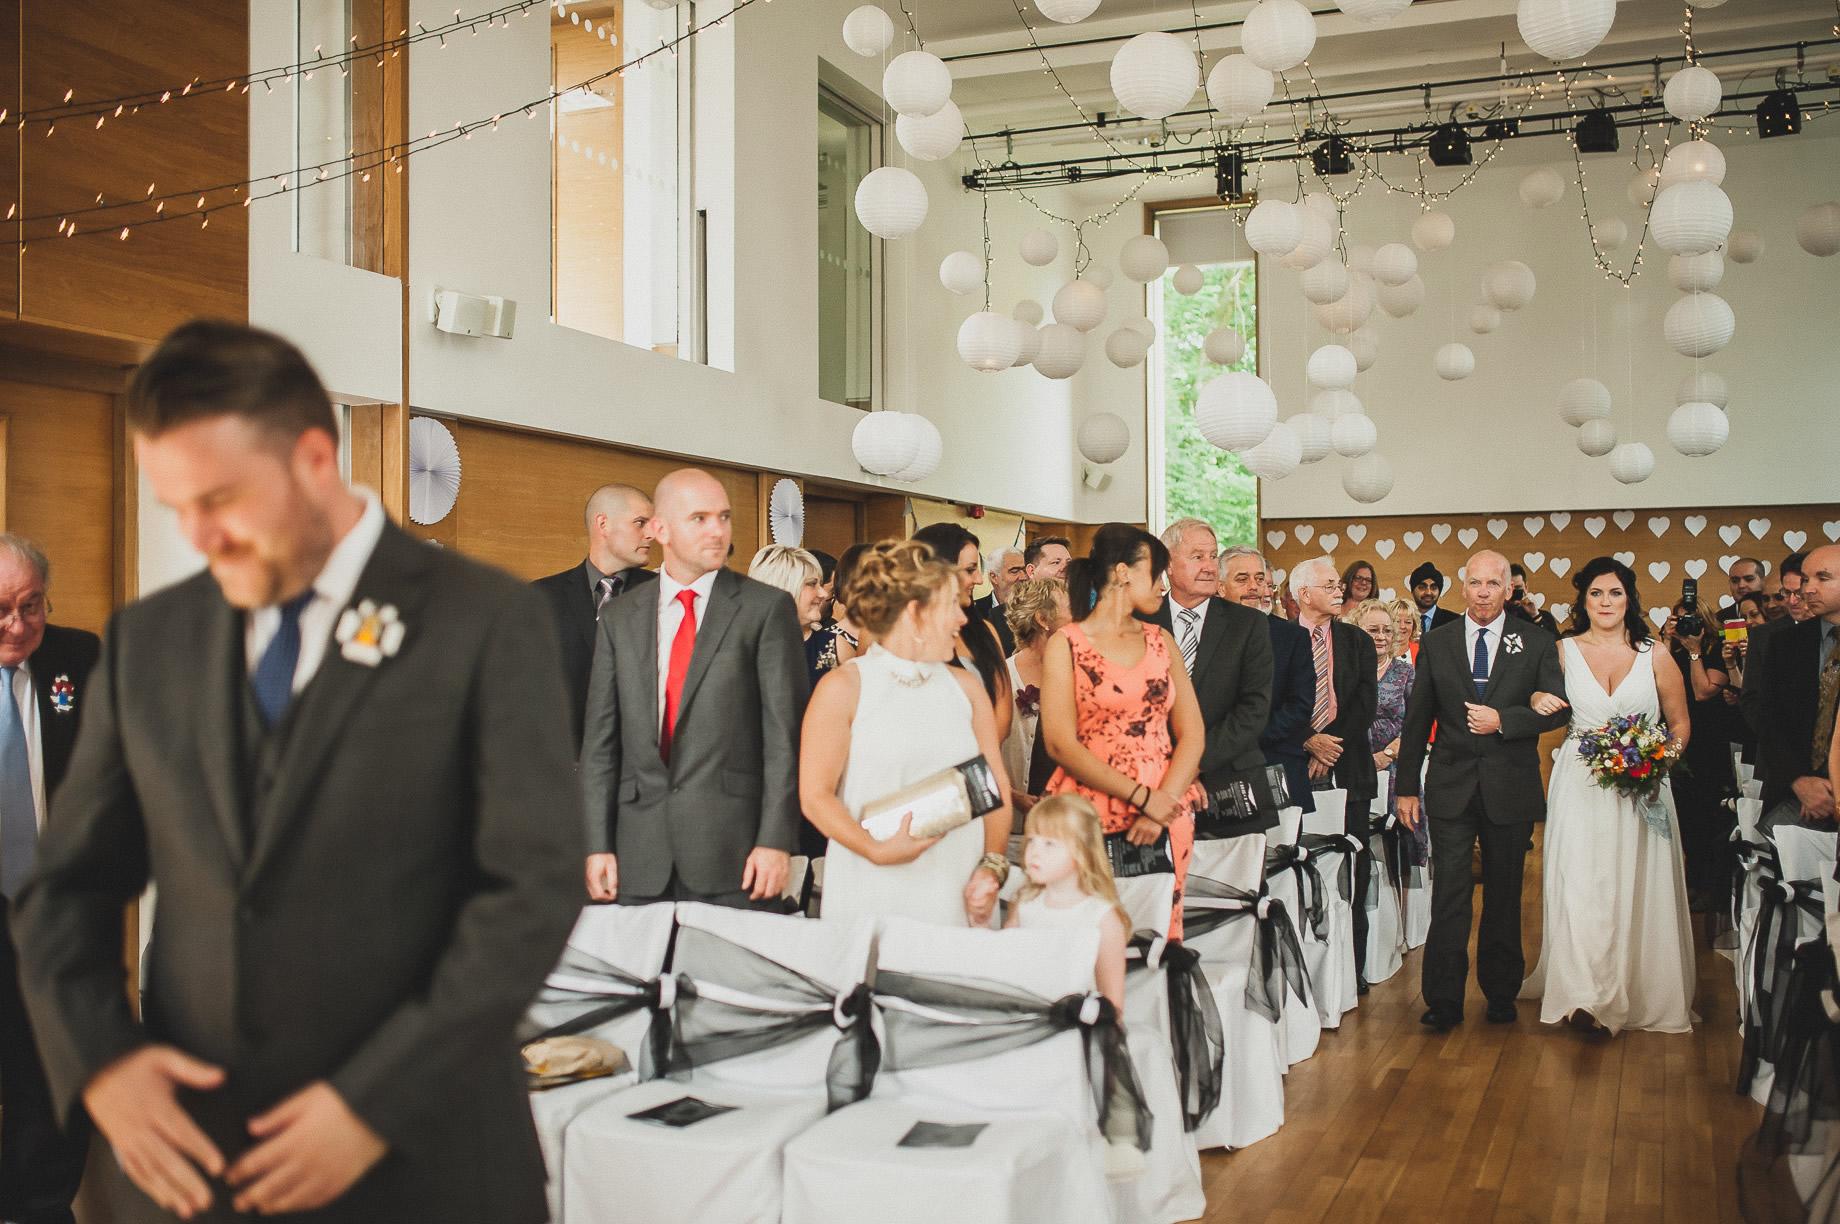 Becky and John's Wedding at Slaidburn Village Hall 077